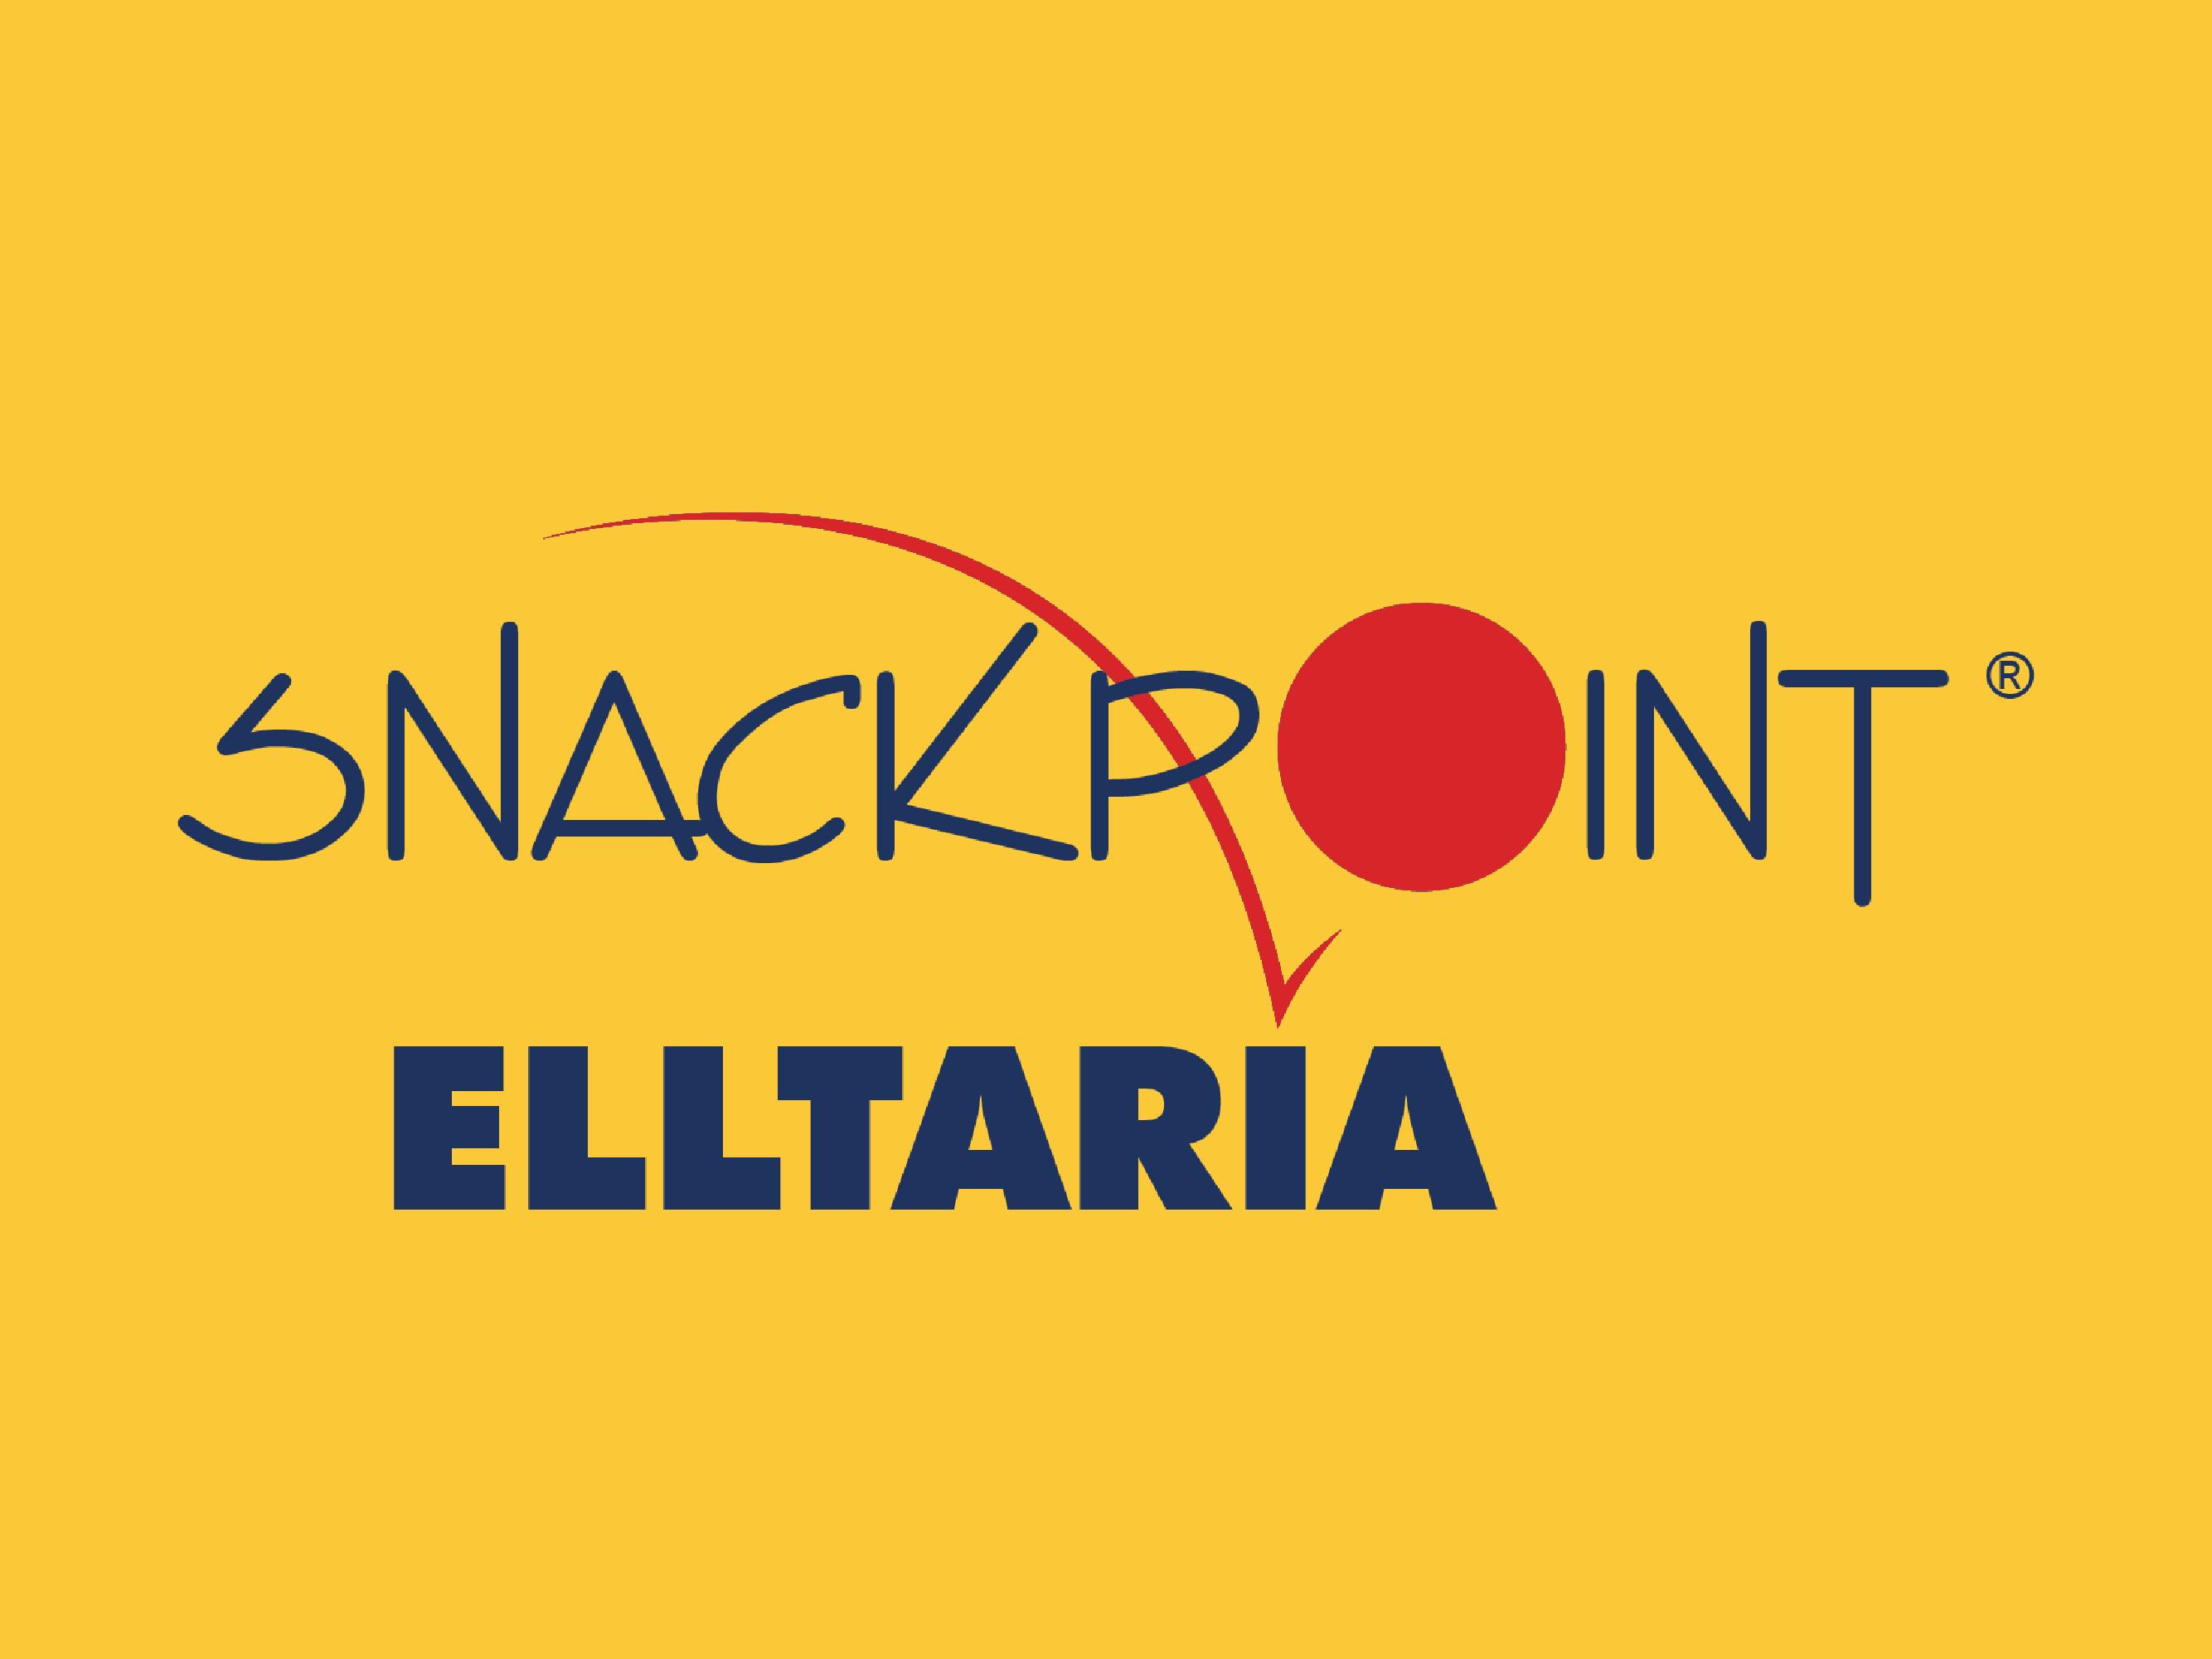 Snackpoint elltaria-1